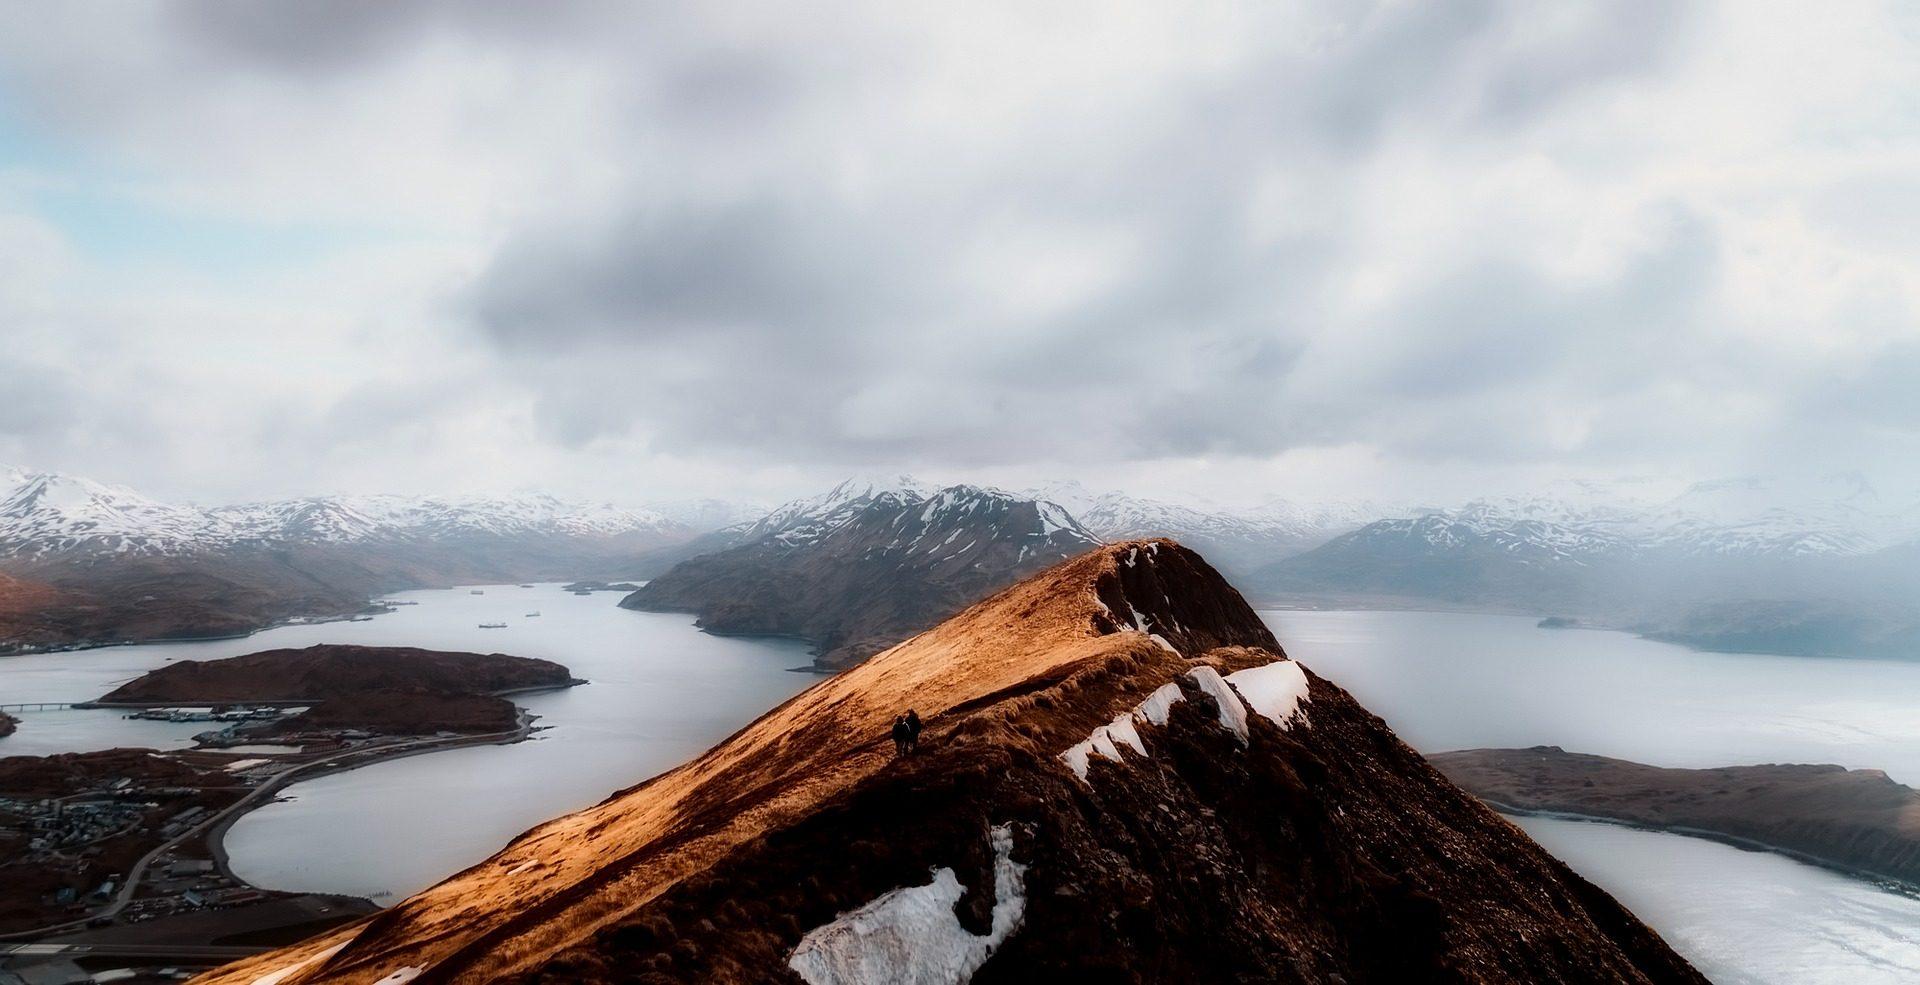 montañas, cima, picos, horizonte, altura, nevadas, nieve - Fondos de Pantalla HD - professor-falken.com